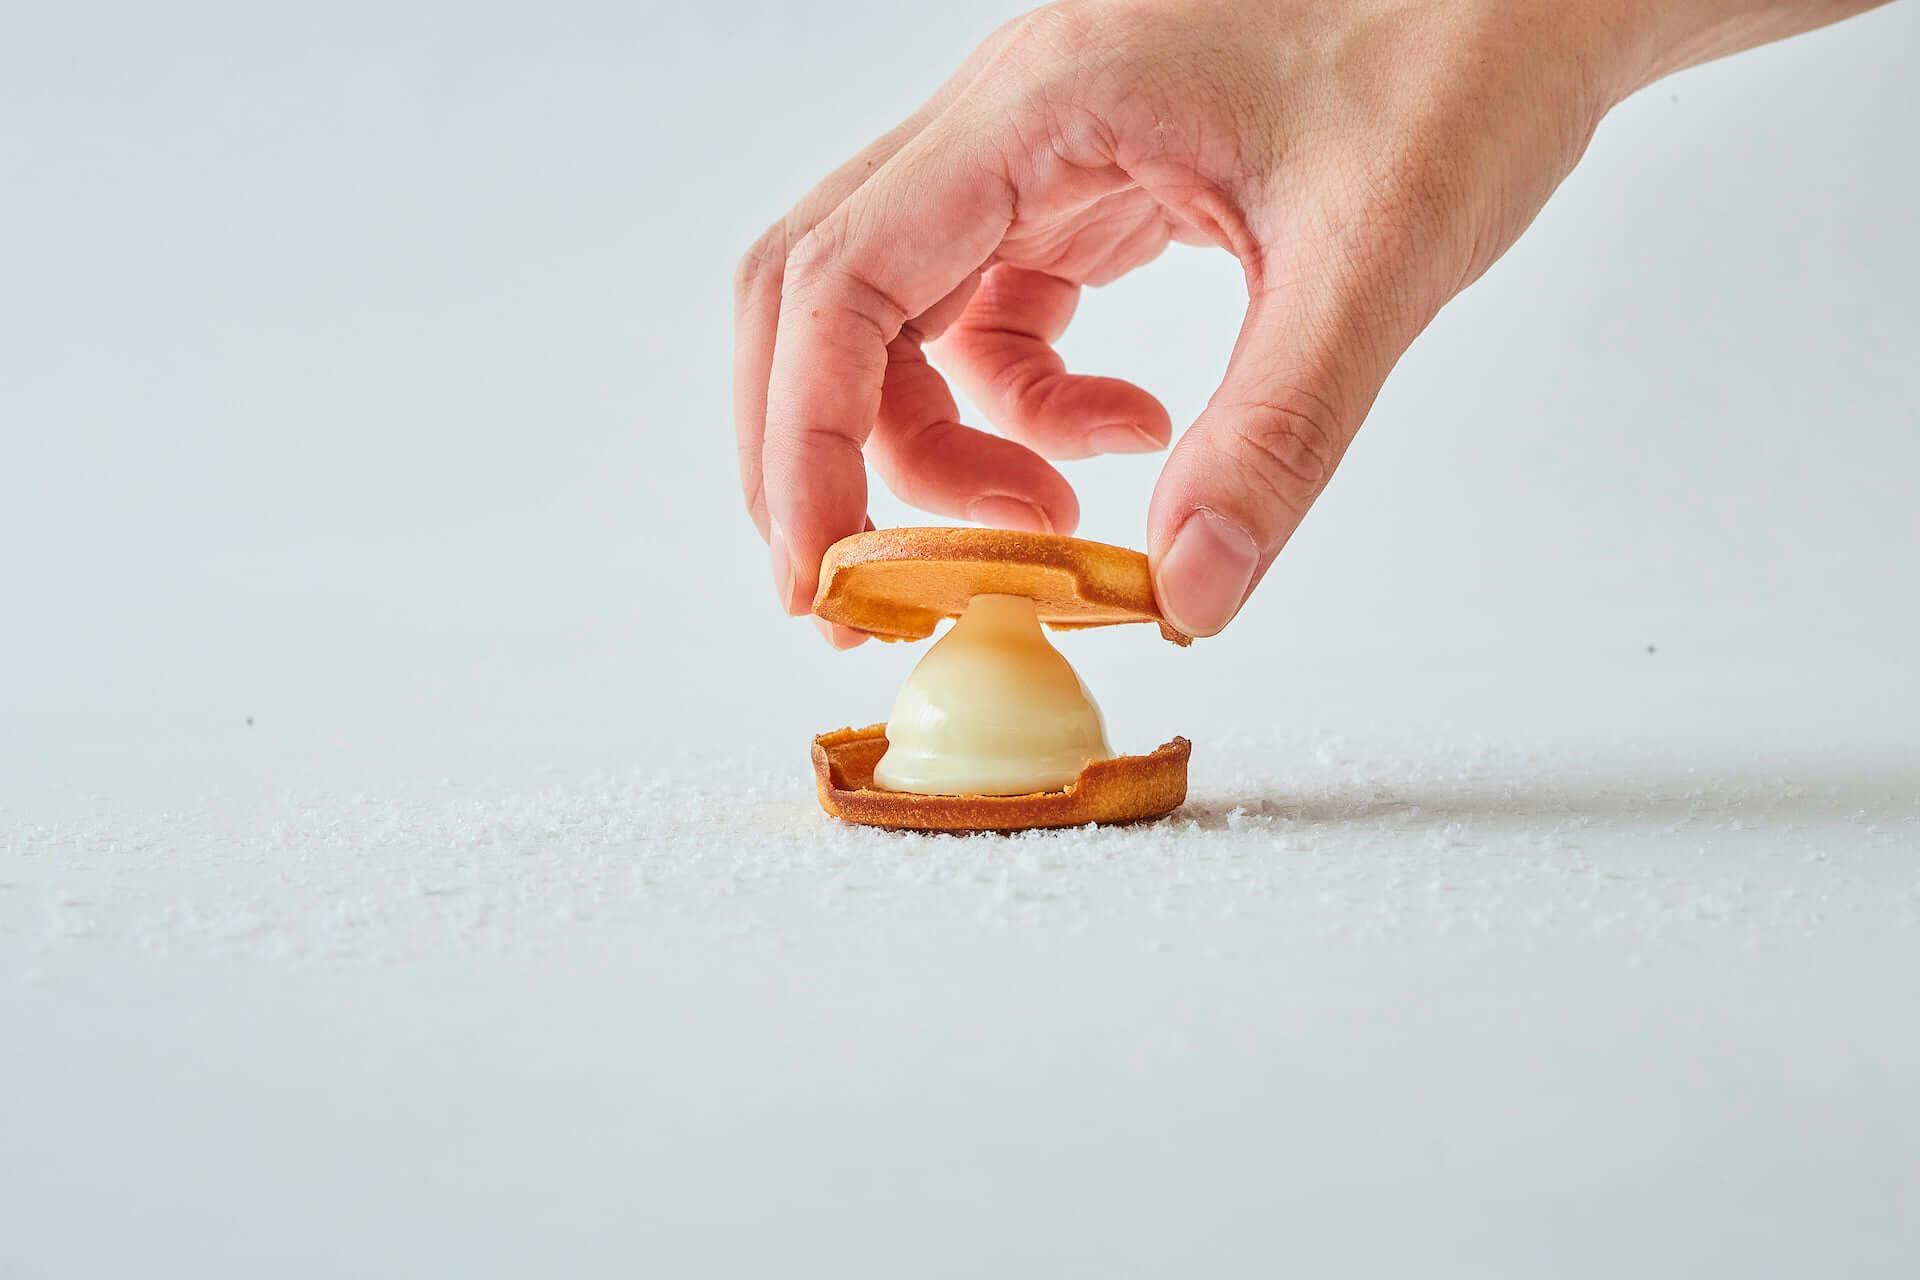 販売開始30分で完売した北海道の生チョコレートサンドクッキー『SNOW SAND』が冬季限定で発売中! gourmet210121_snowsand_3-1920x1280